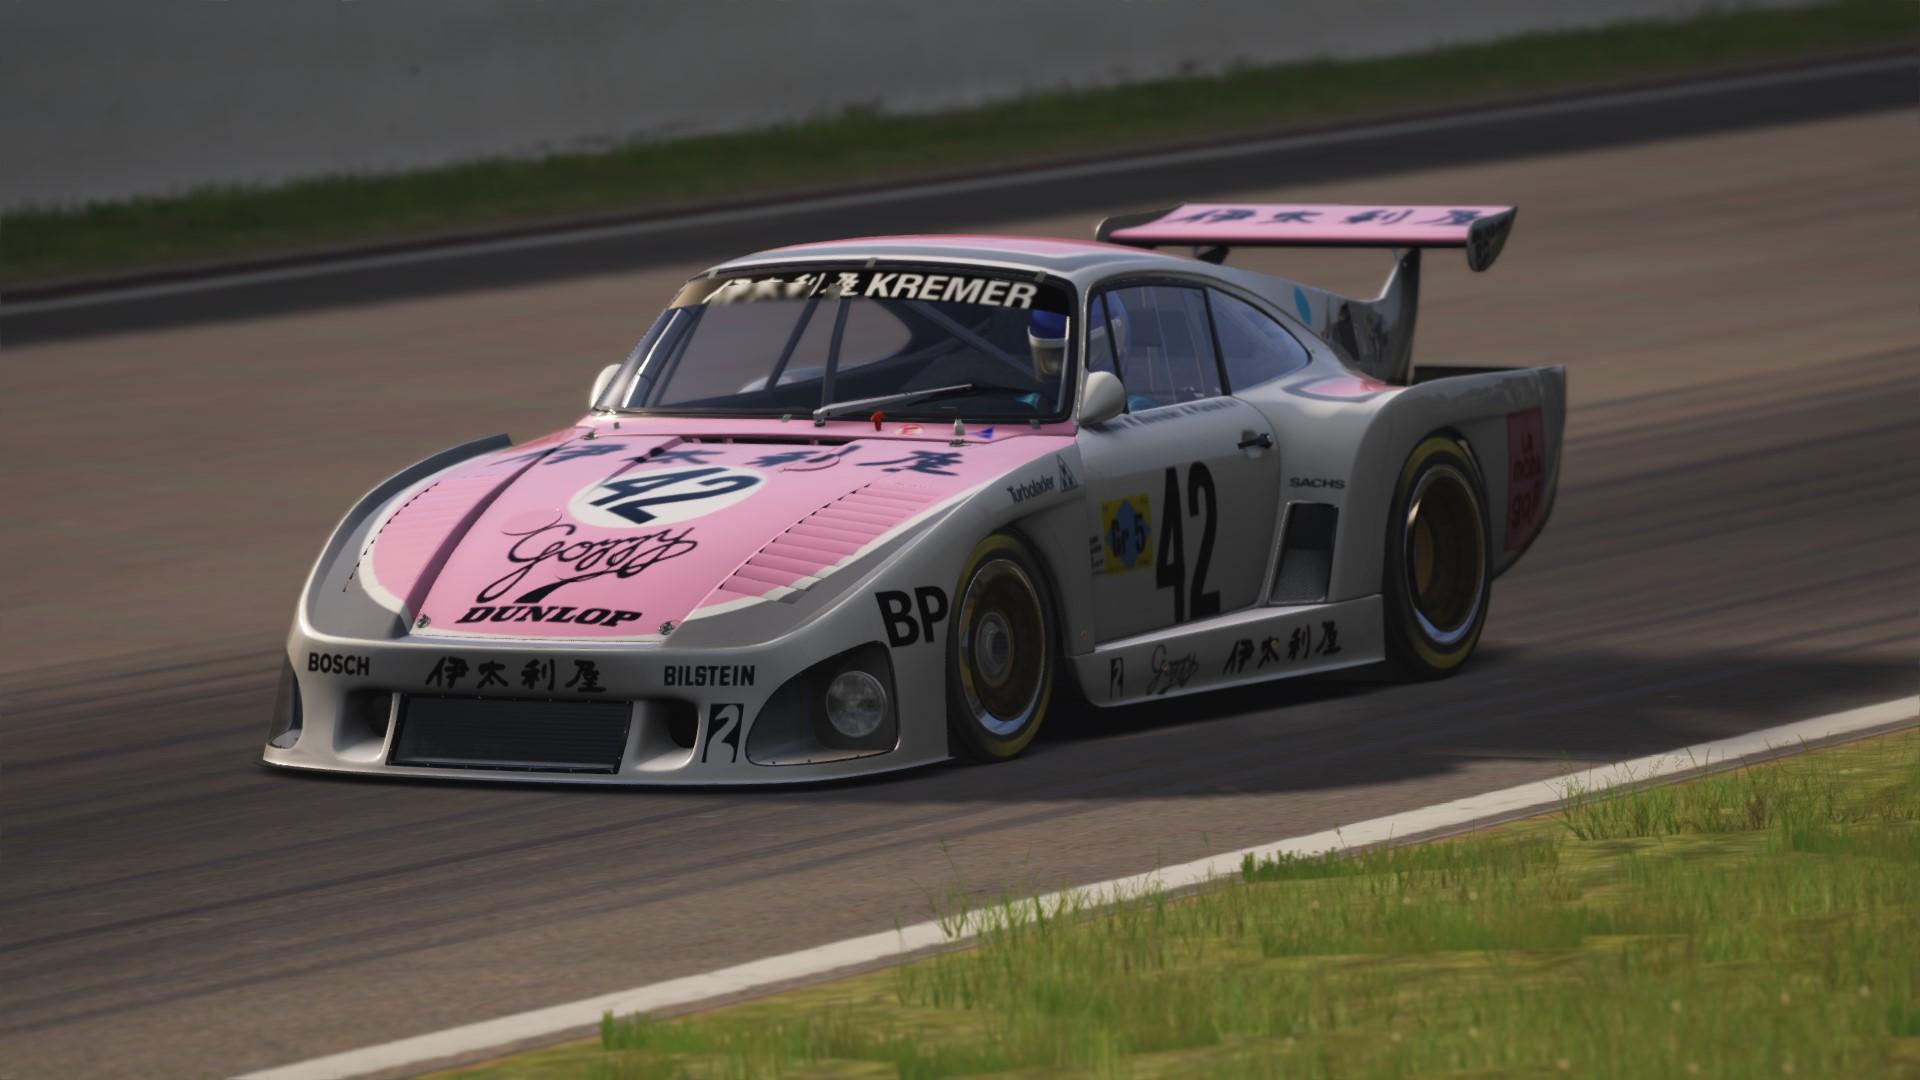 Porsche 935 K3 Gozzy Kremer Racing 42 Racedepartment